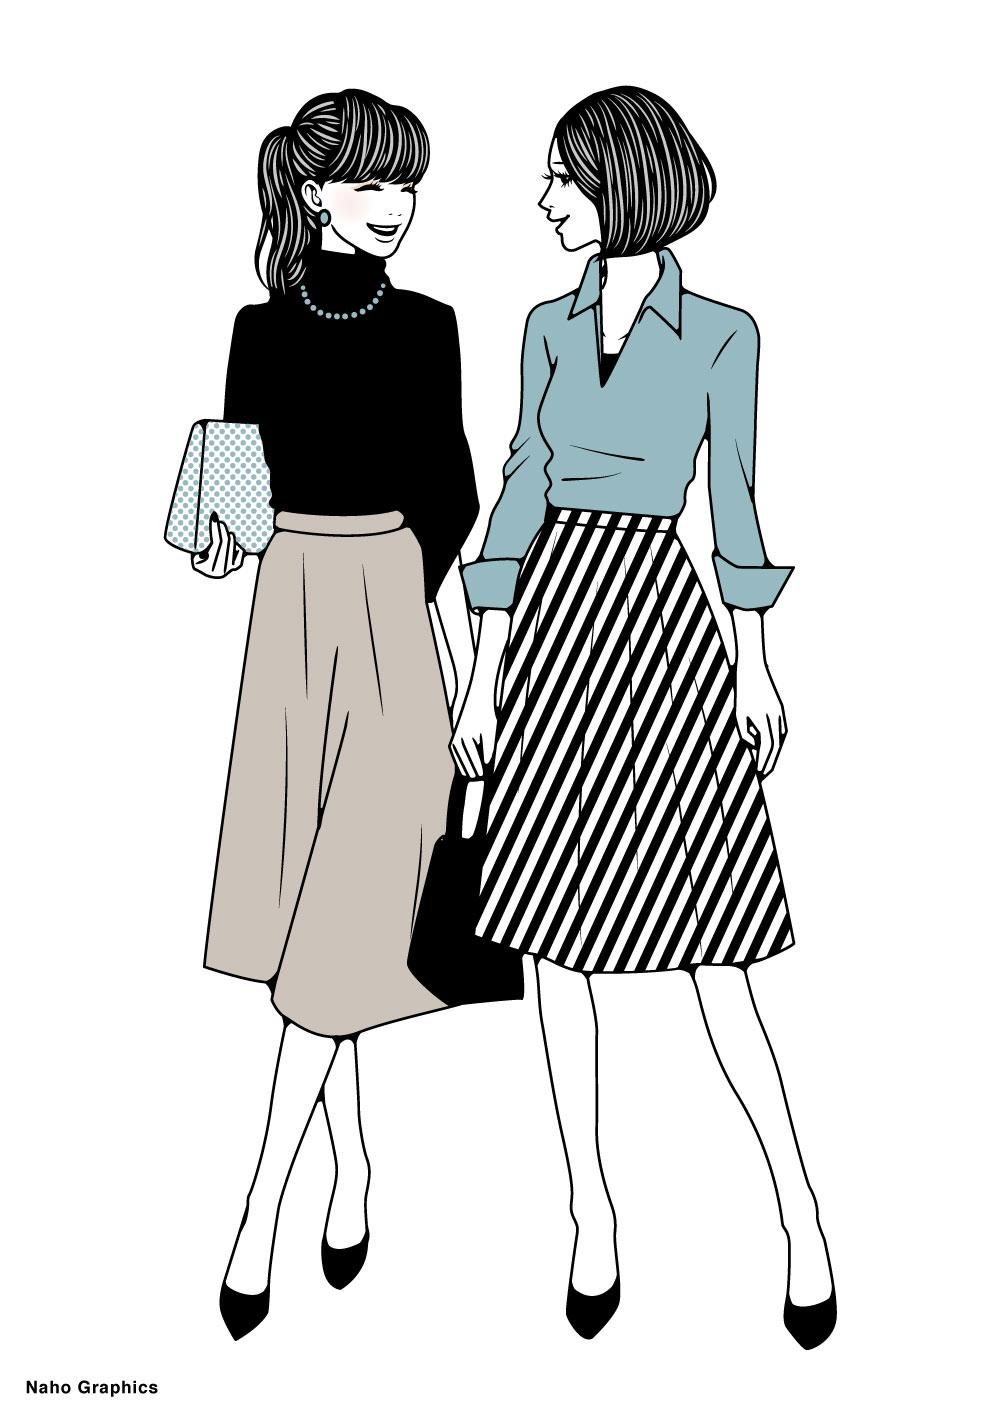 Illustration ソウノ ナホ 創作sns Galleria ギャレリア